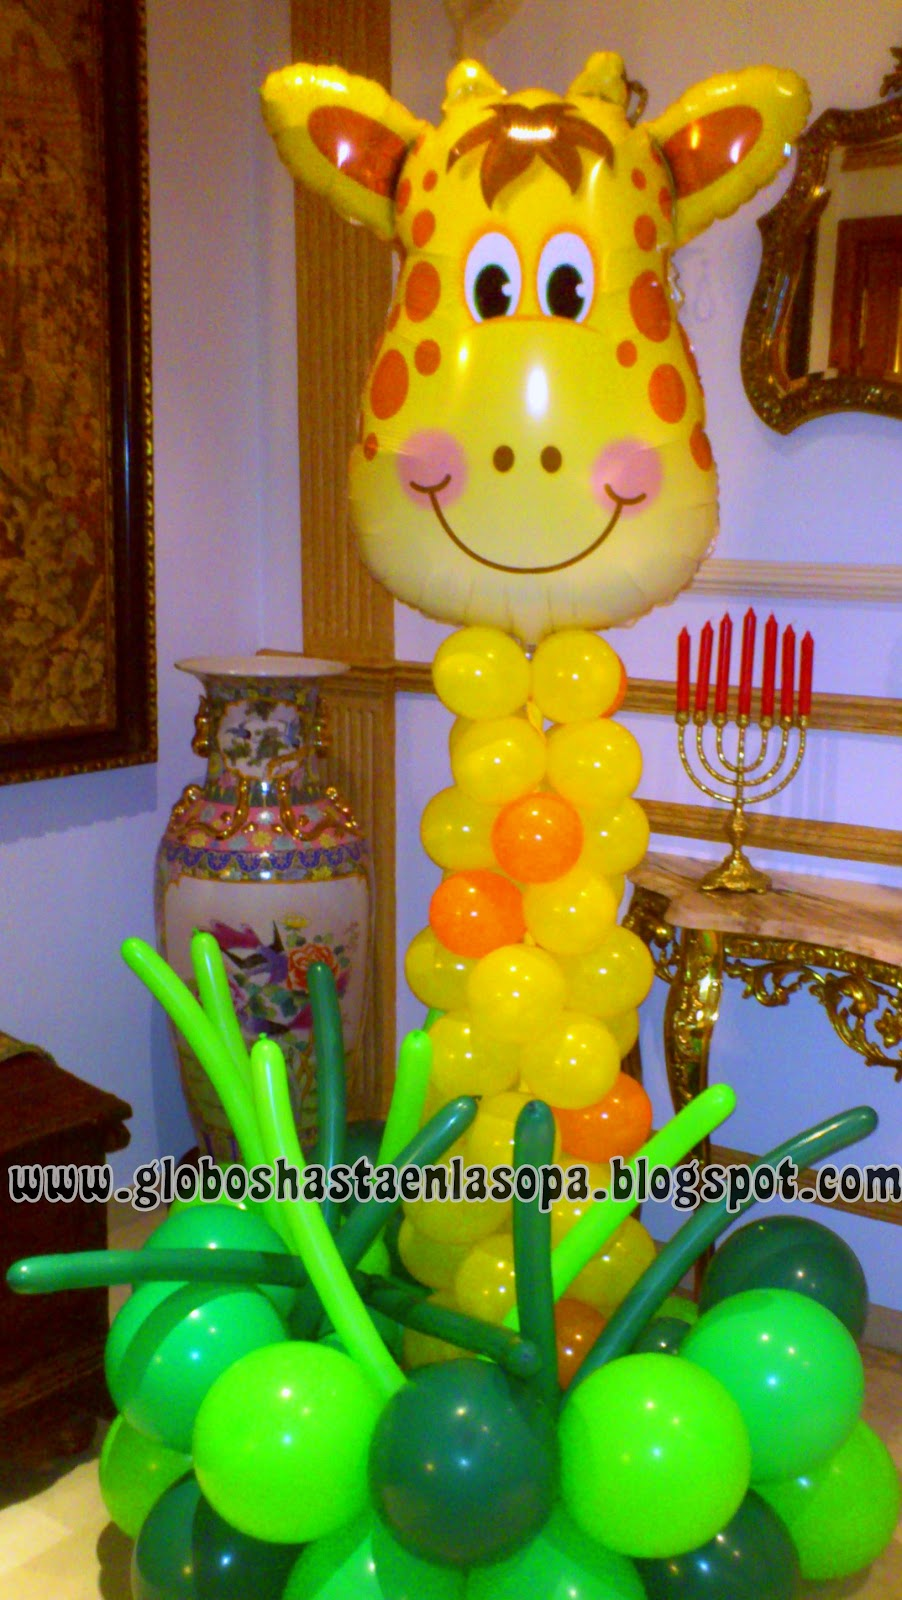 Globos hasta en la sopa decoraci n con globos for Decoracion ninos